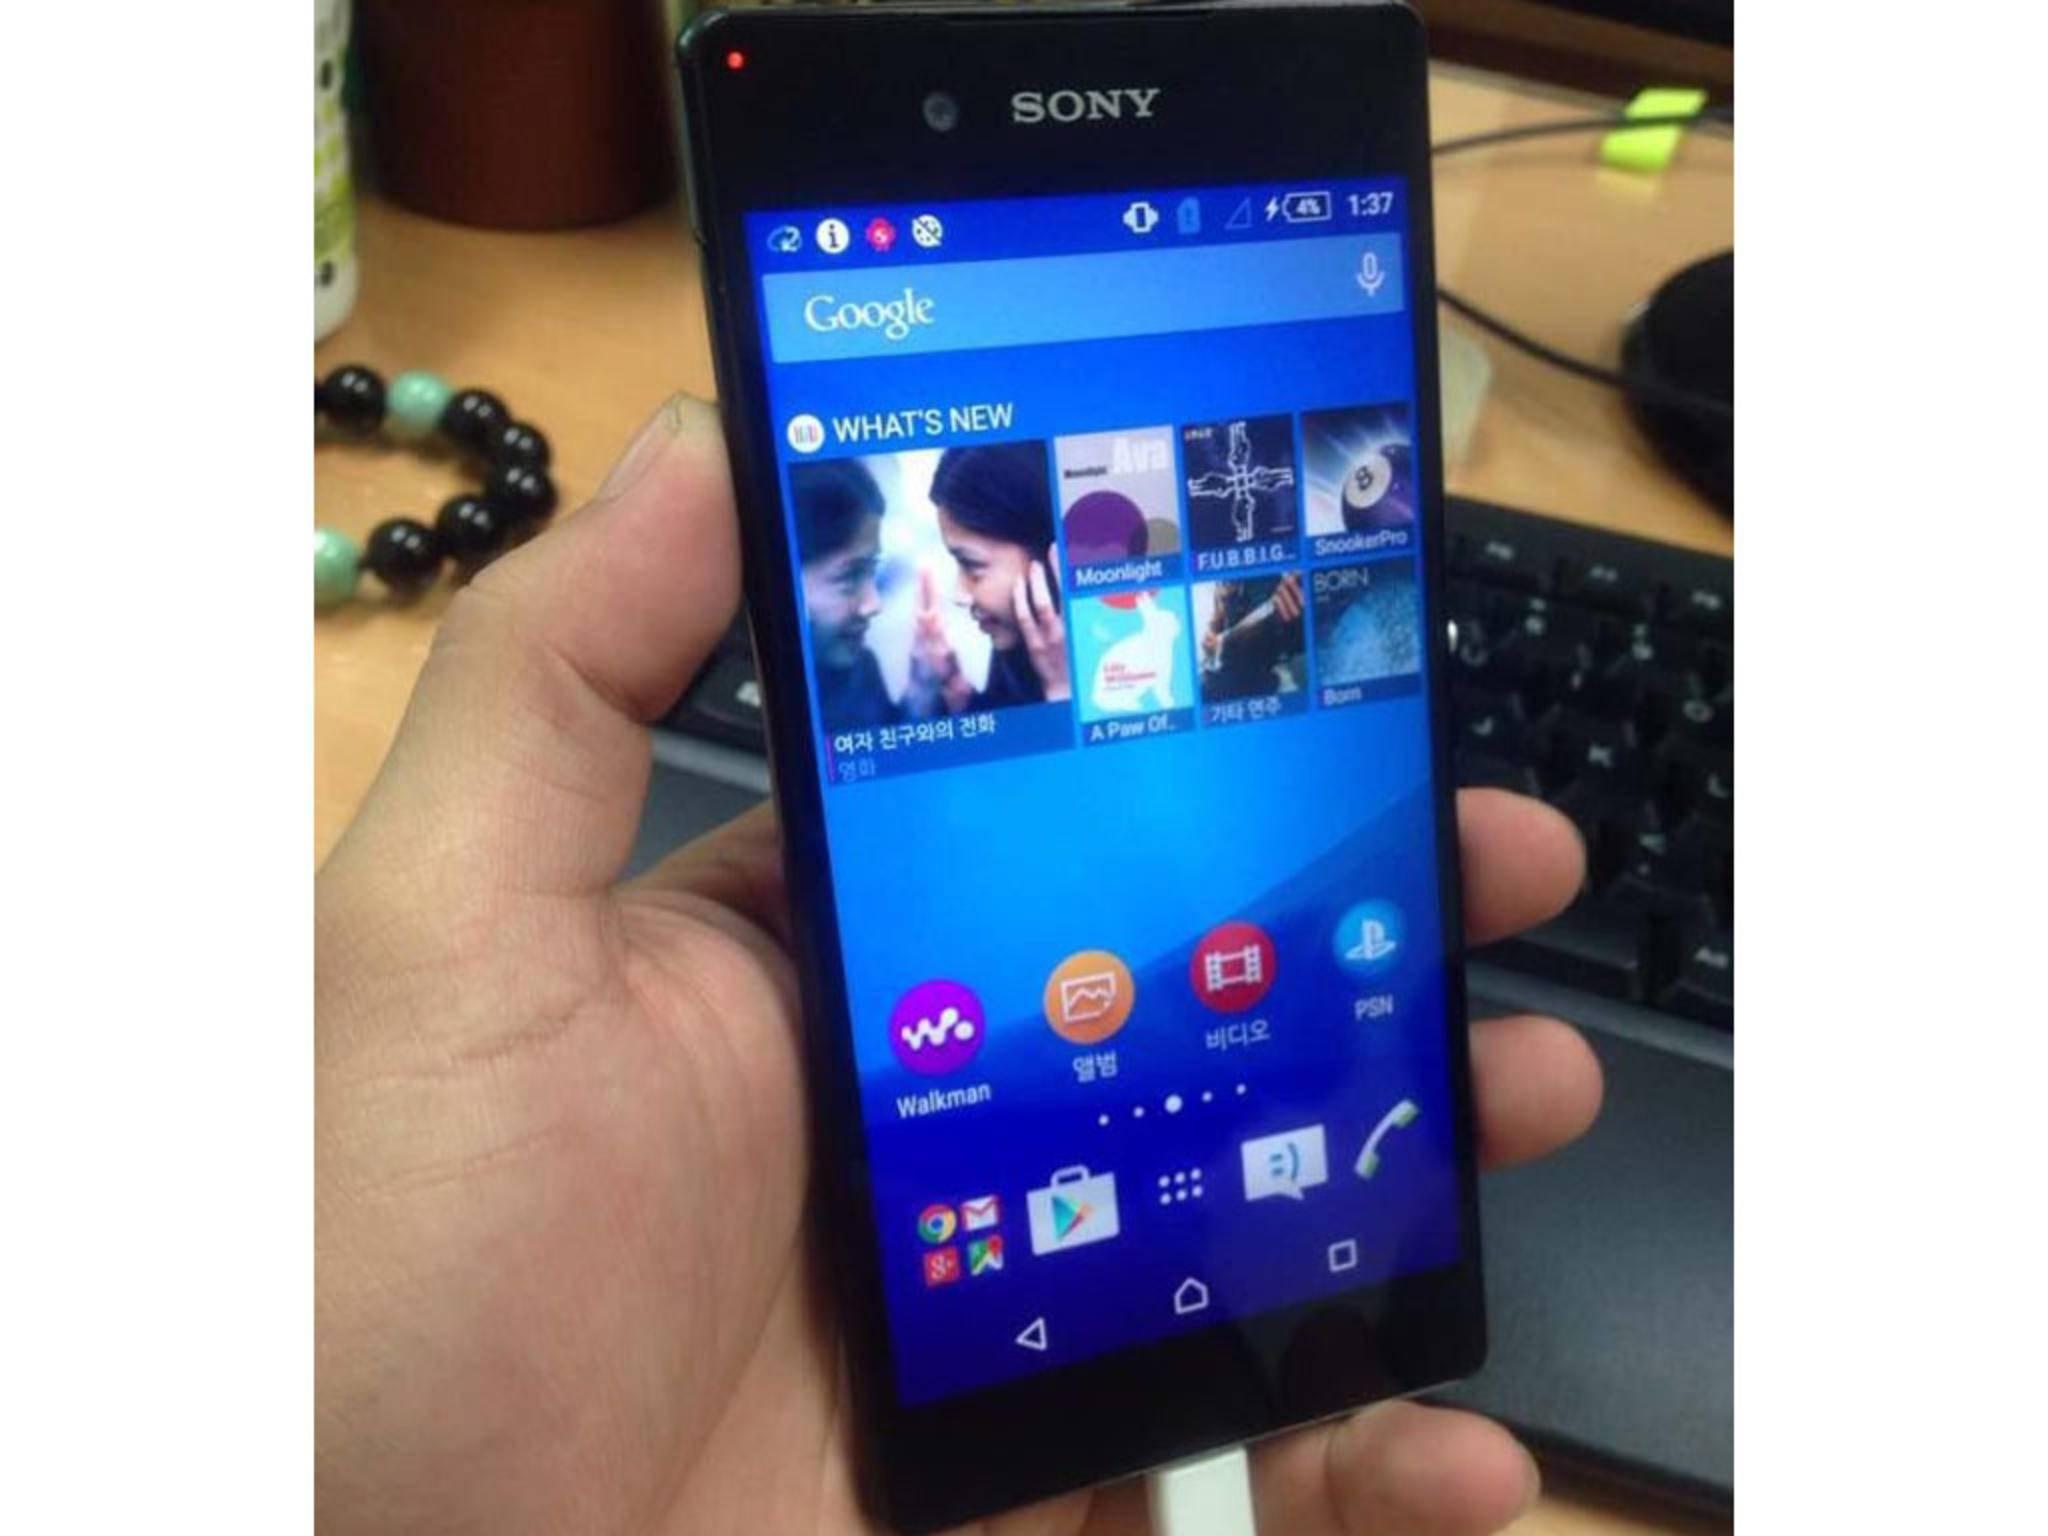 Das Sony Xperia Z4 bzw. Z3+